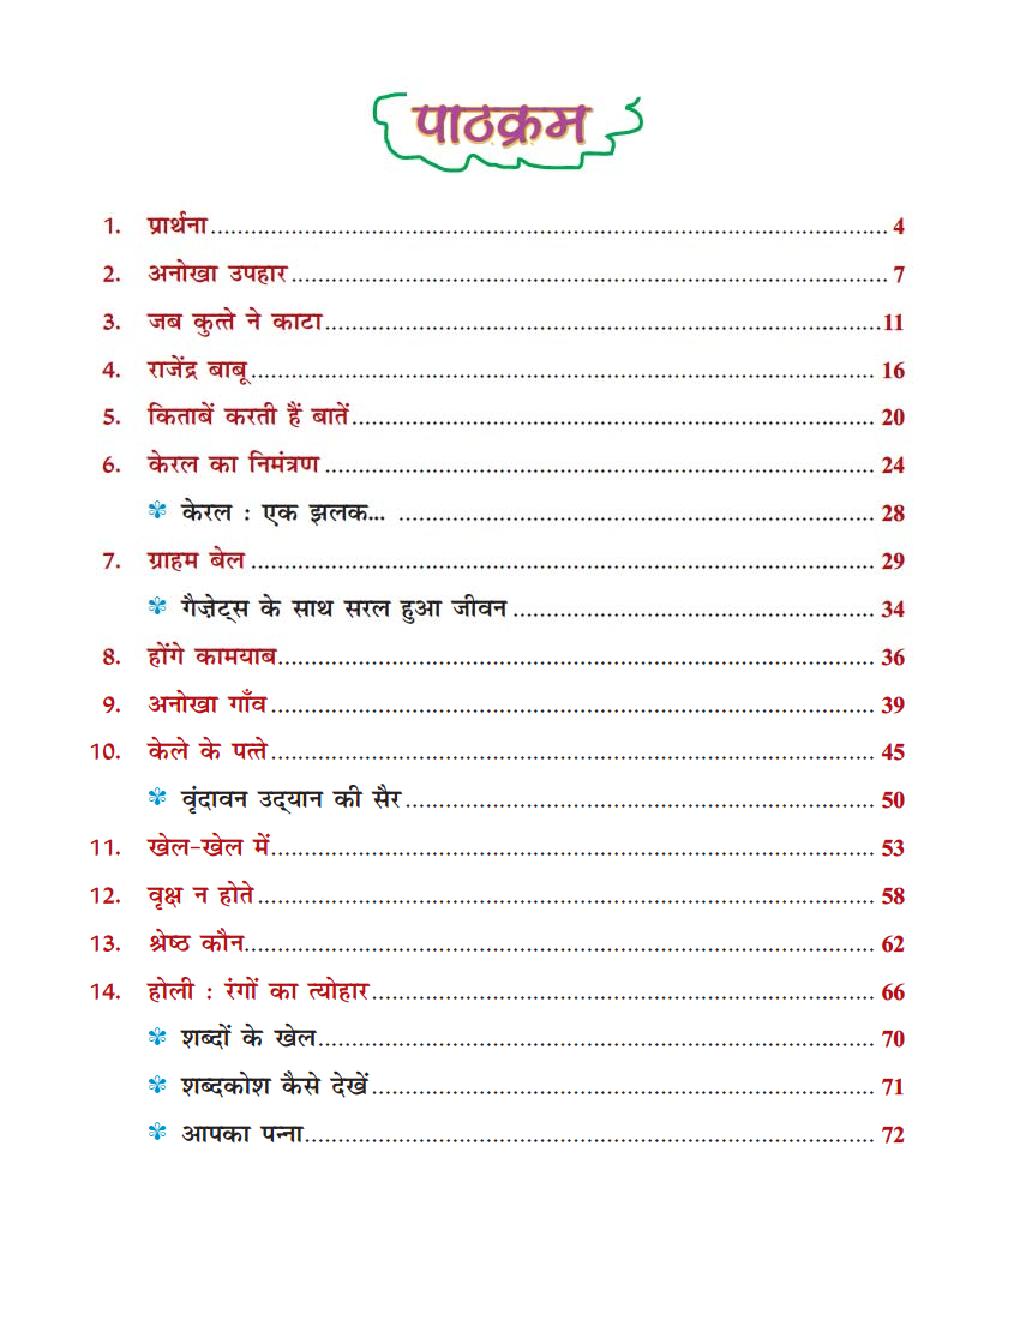 मधु मुखर हिंदी पाठमाला - 7 - Page 4